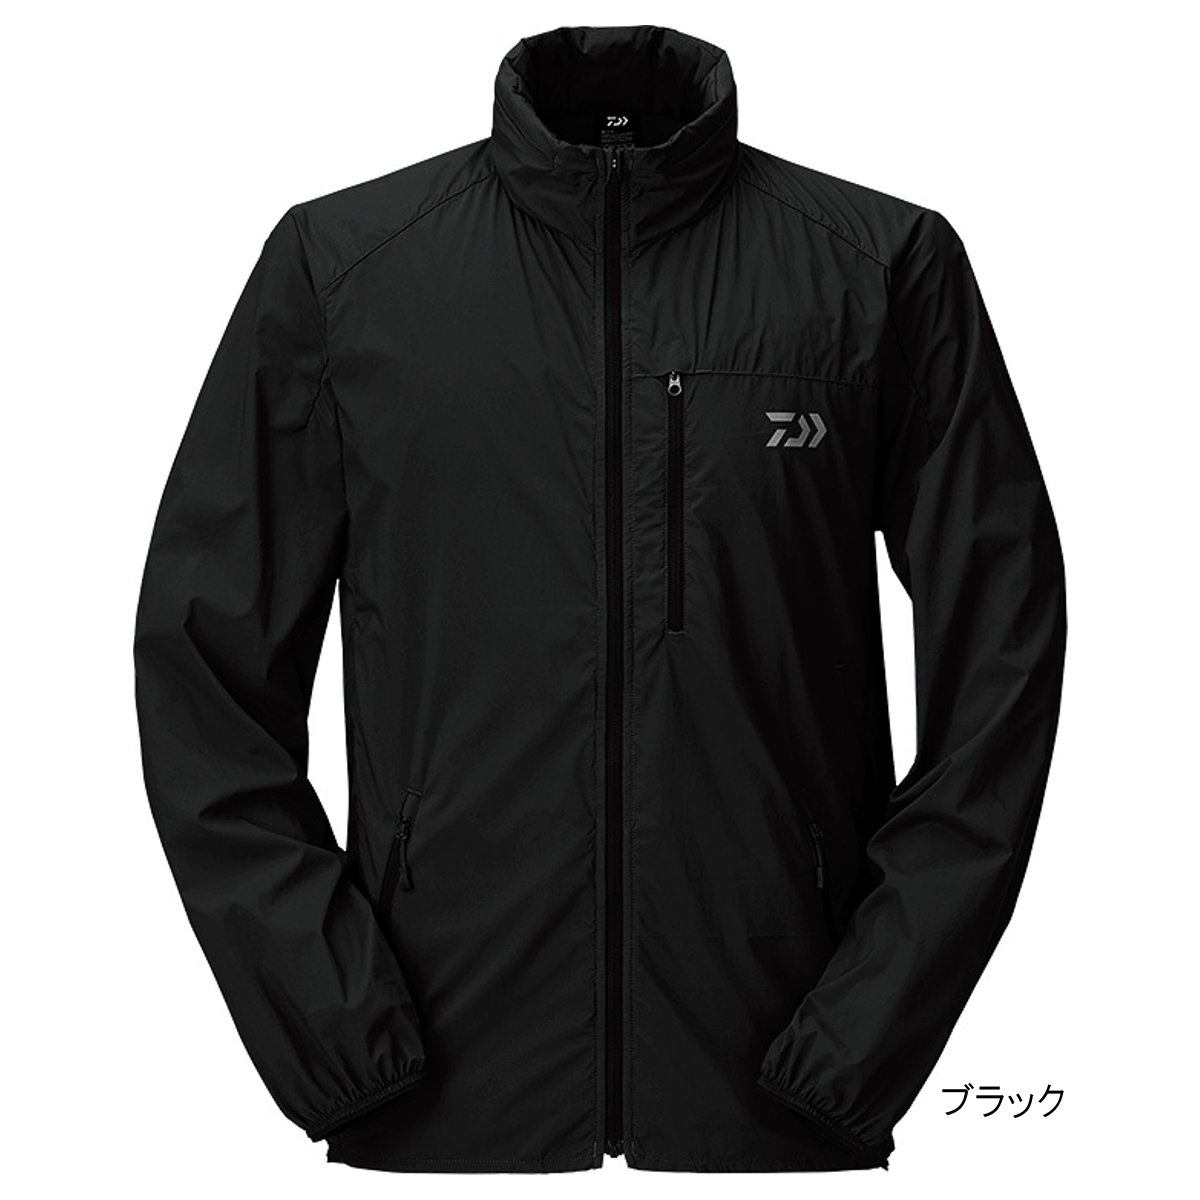 ダイワ ポケッタブルウィンドジャケット DJ-33009 L ブラック【送料無料】